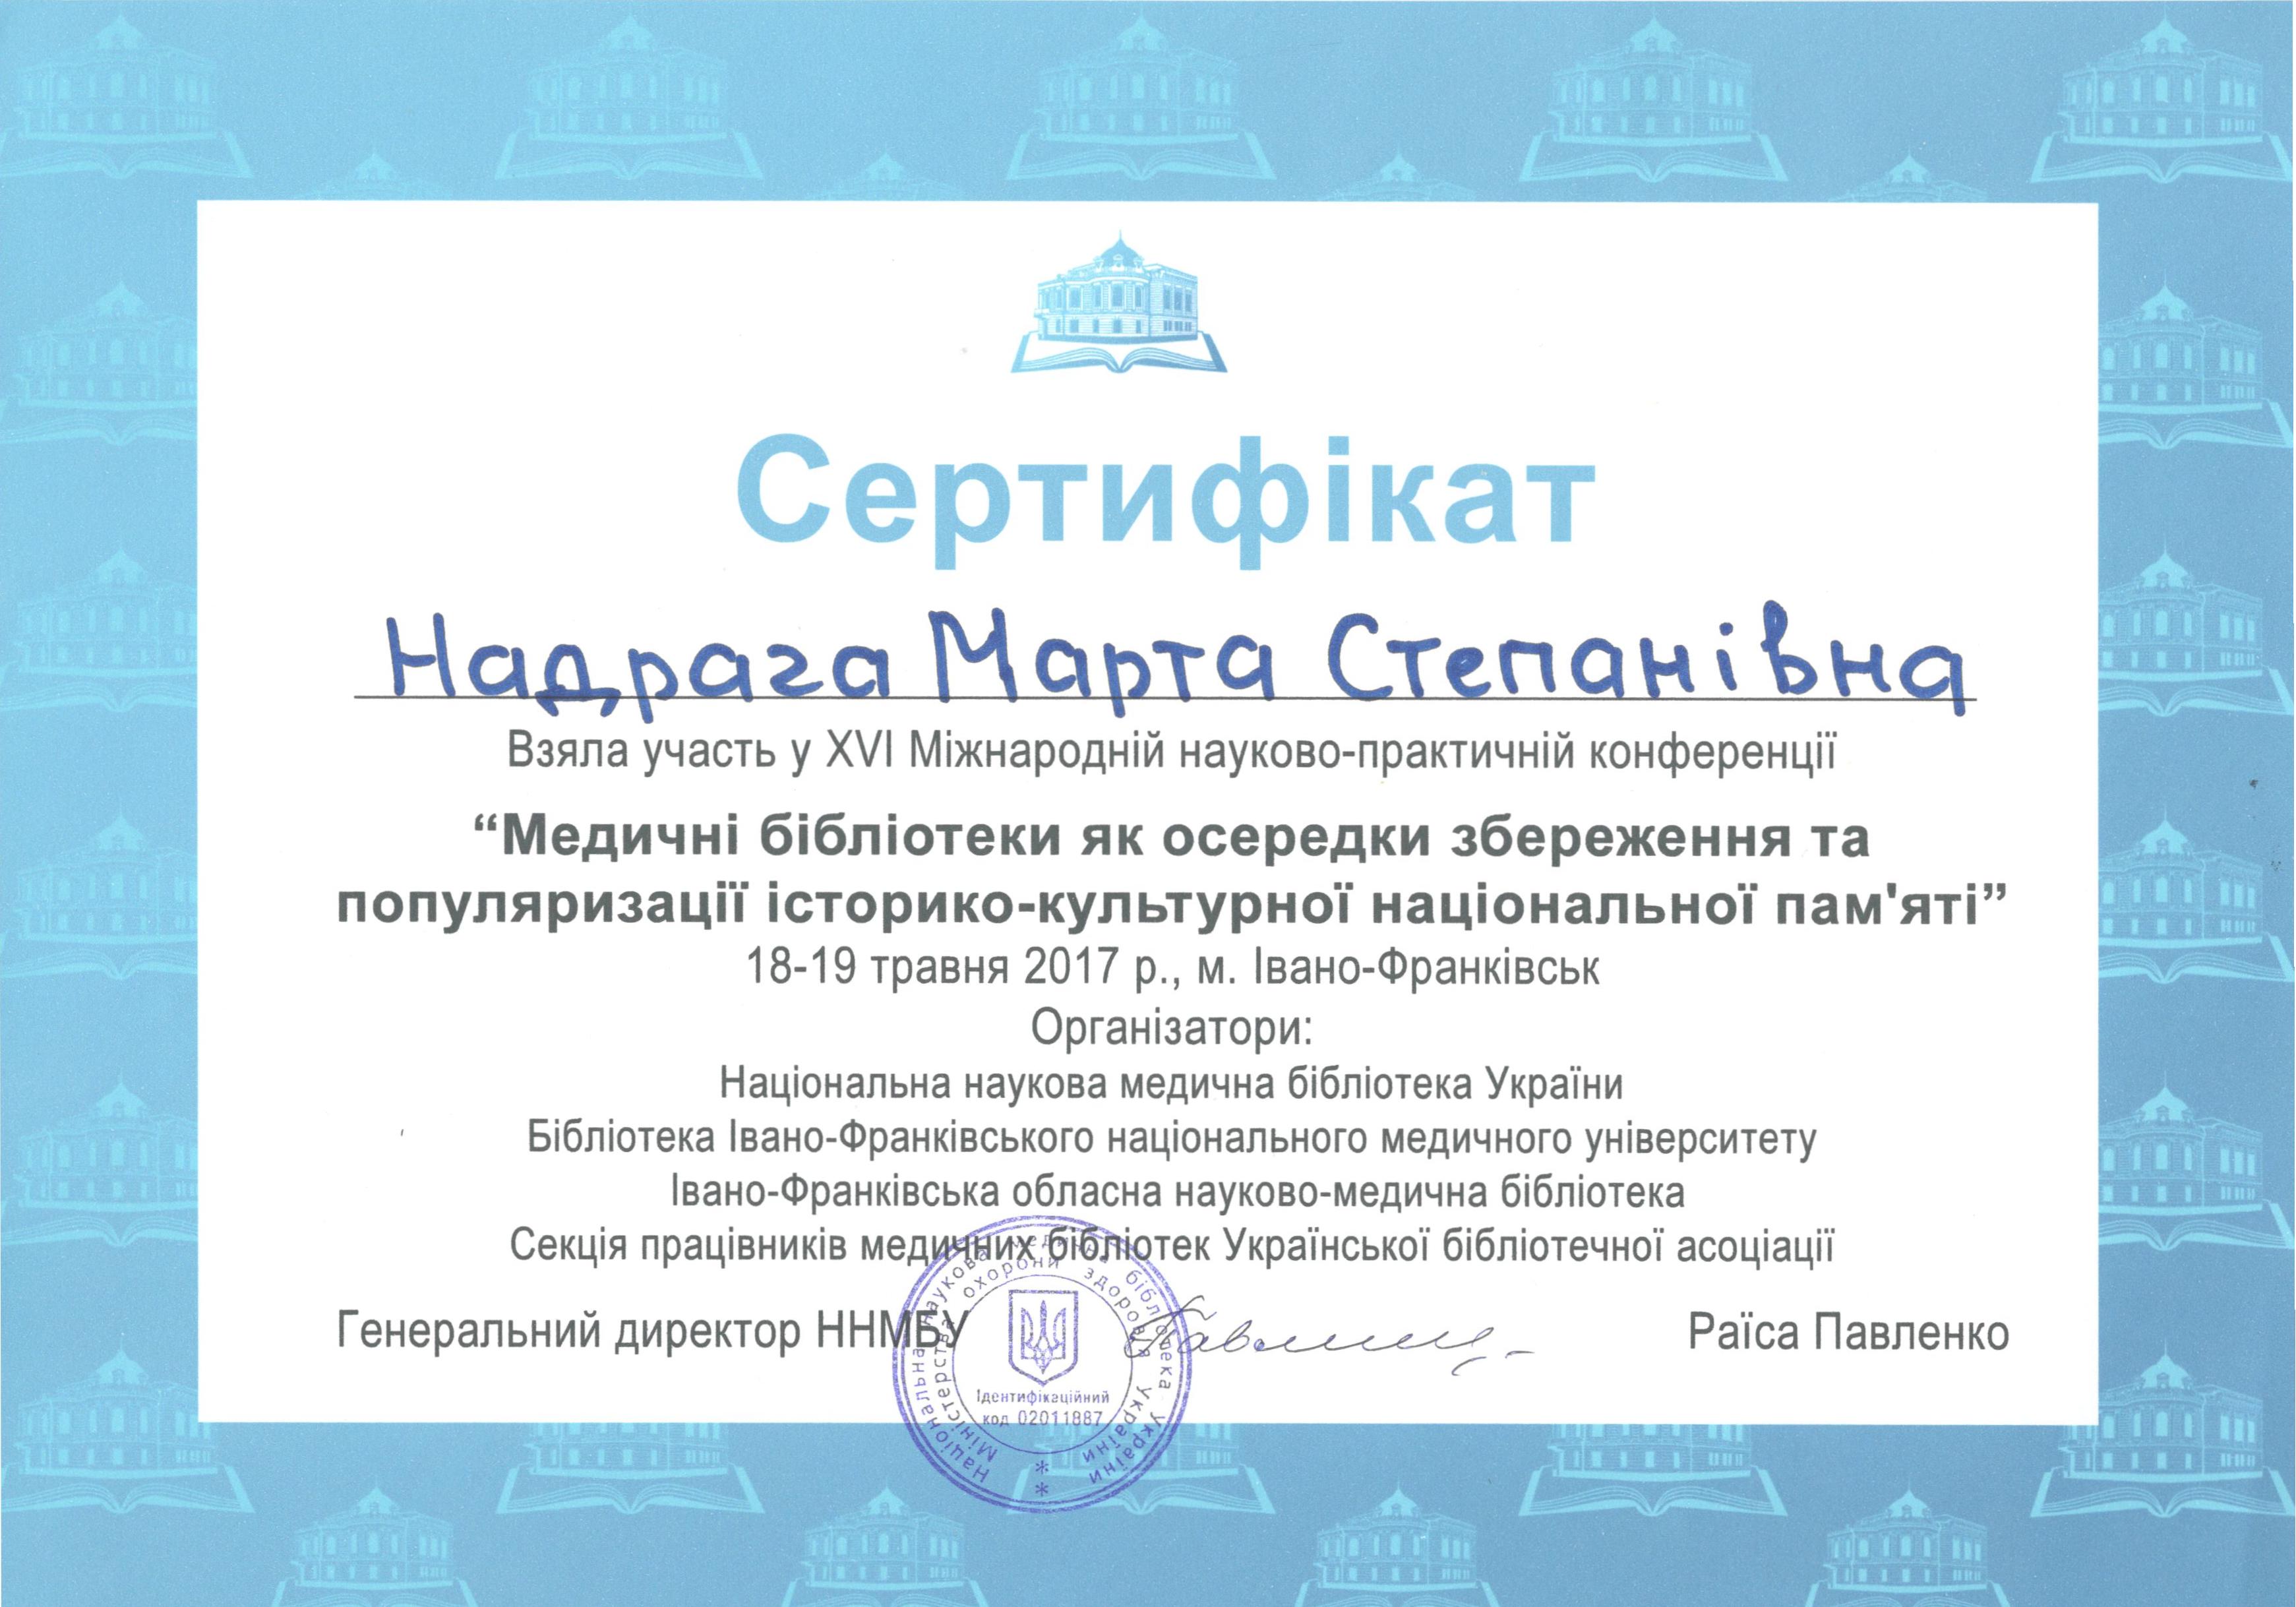 """Сертифікат учасника XVI міжнародної науково-практичної конференції """"Медичні бібліотеки як осередки збереження та популяризації історико-культурної національної пам'яті"""""""